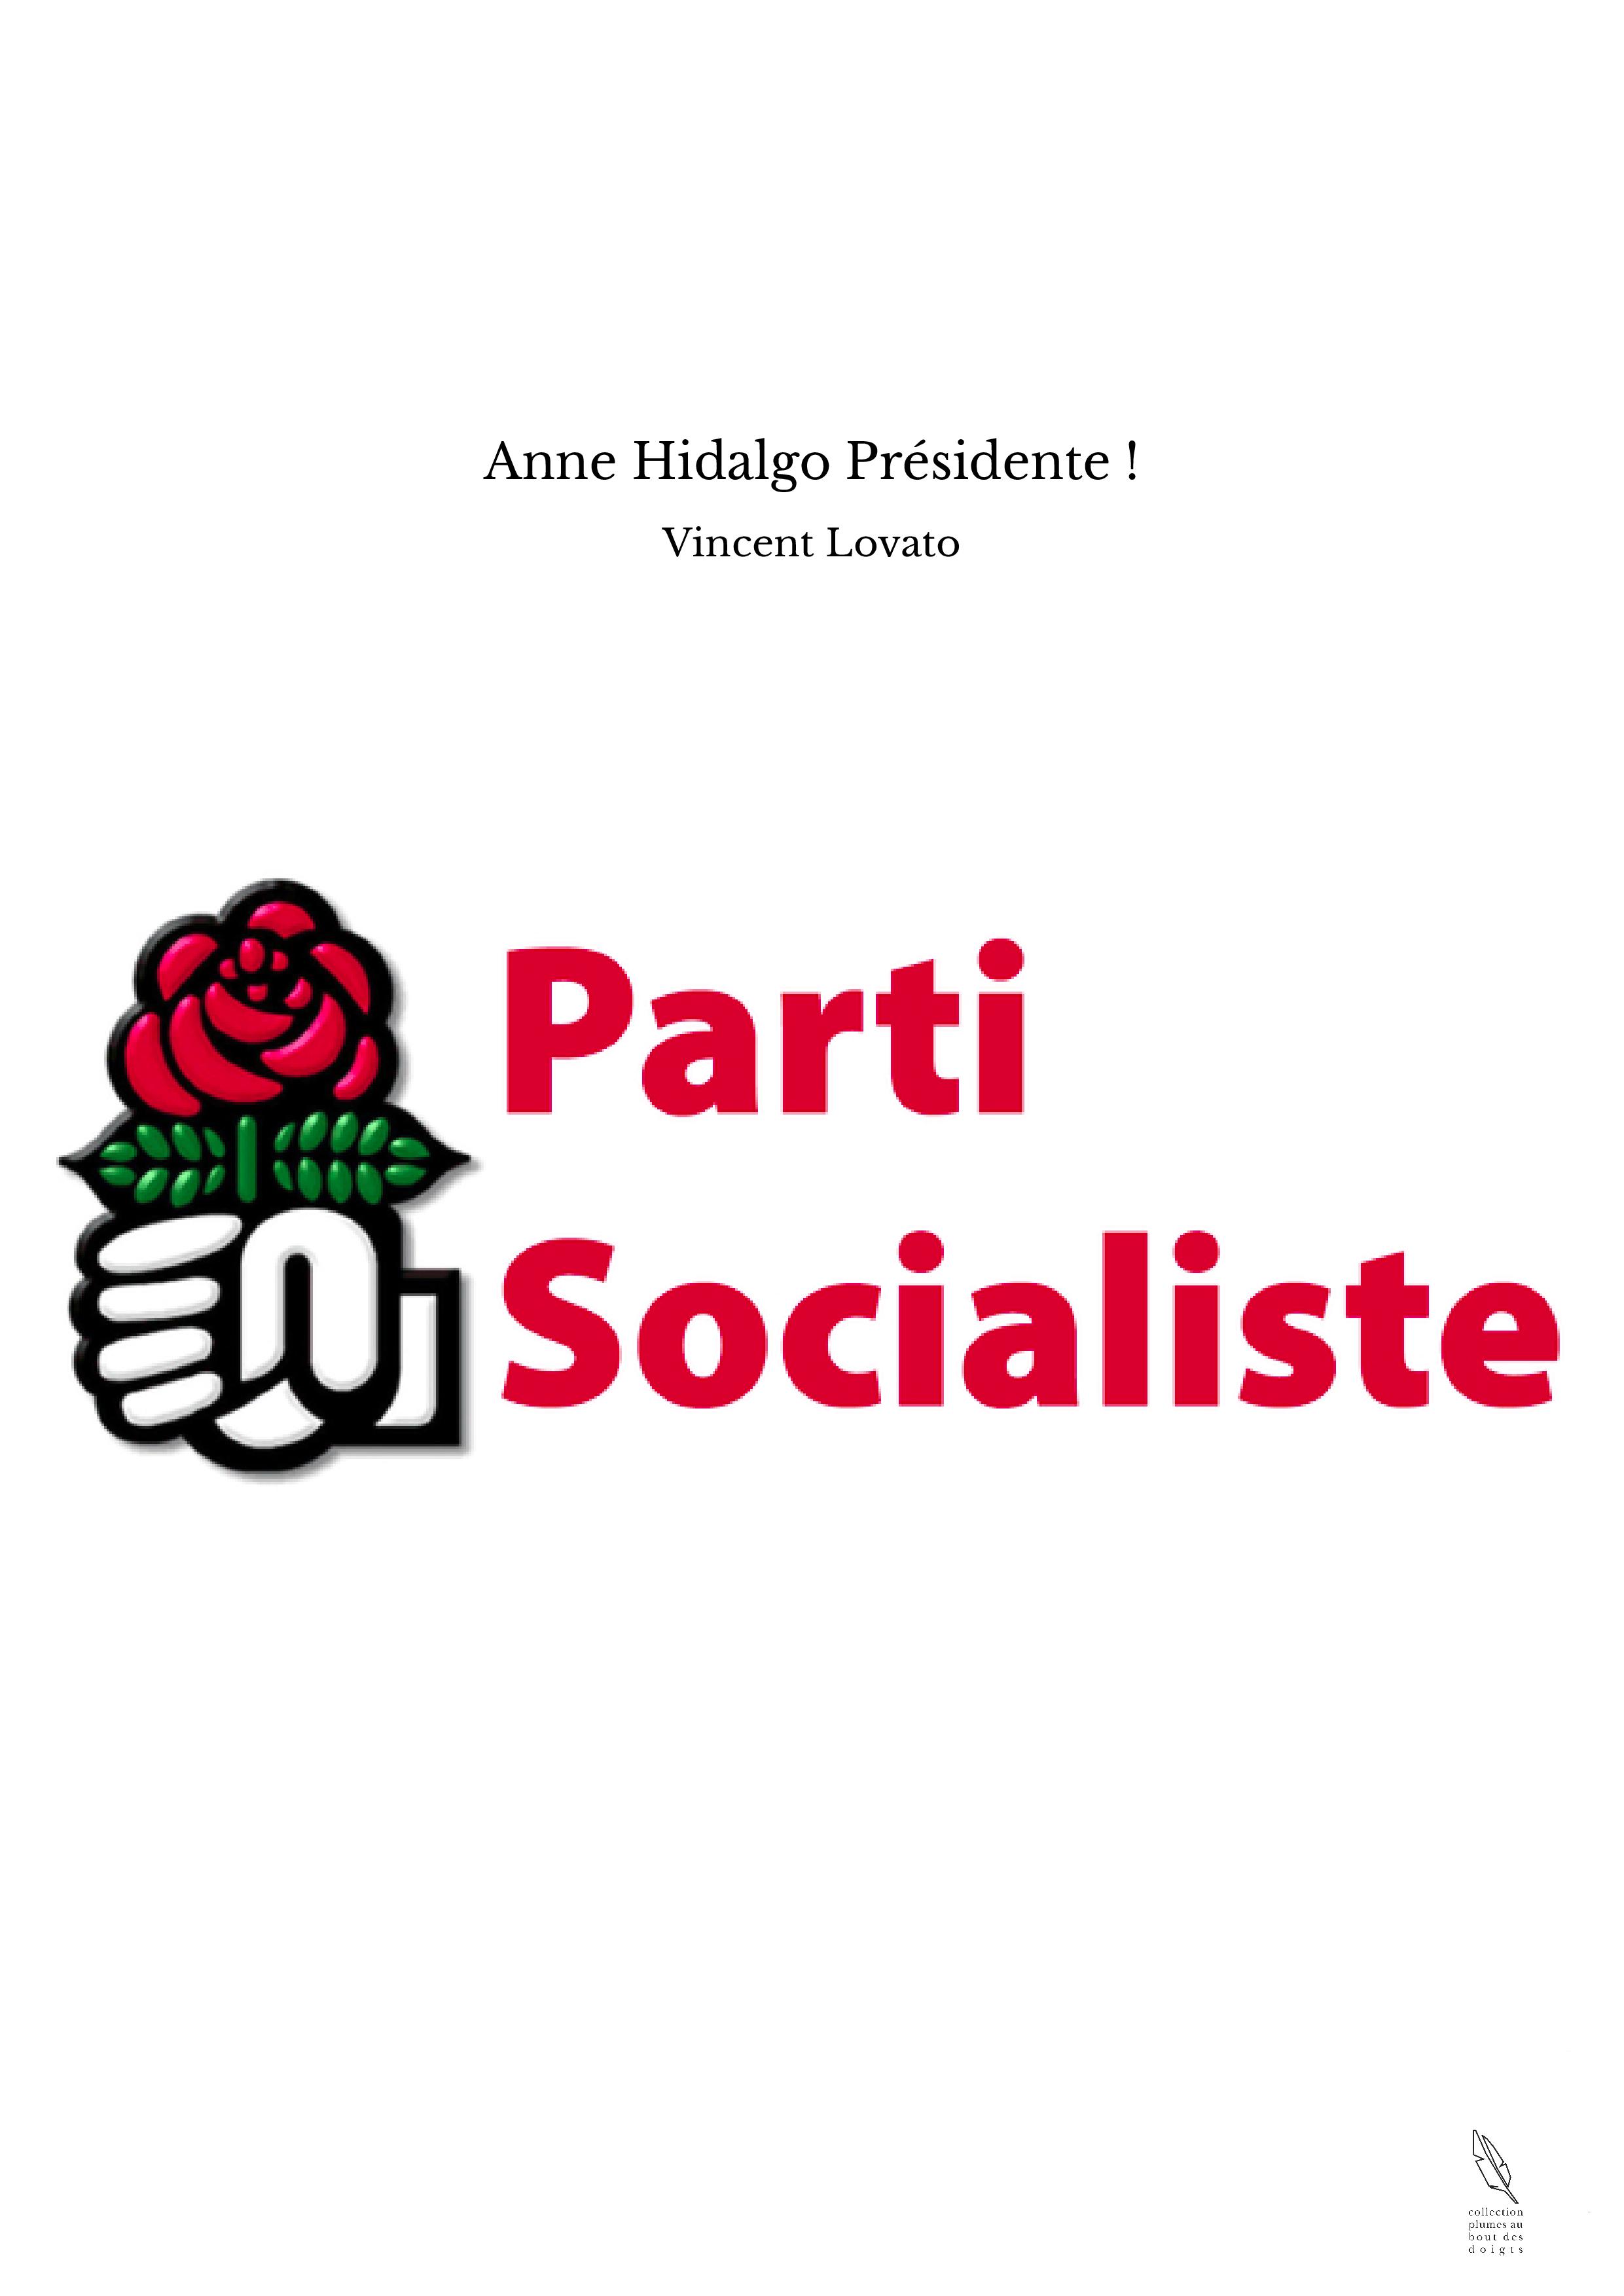 Anne Hidalgo Présidente !